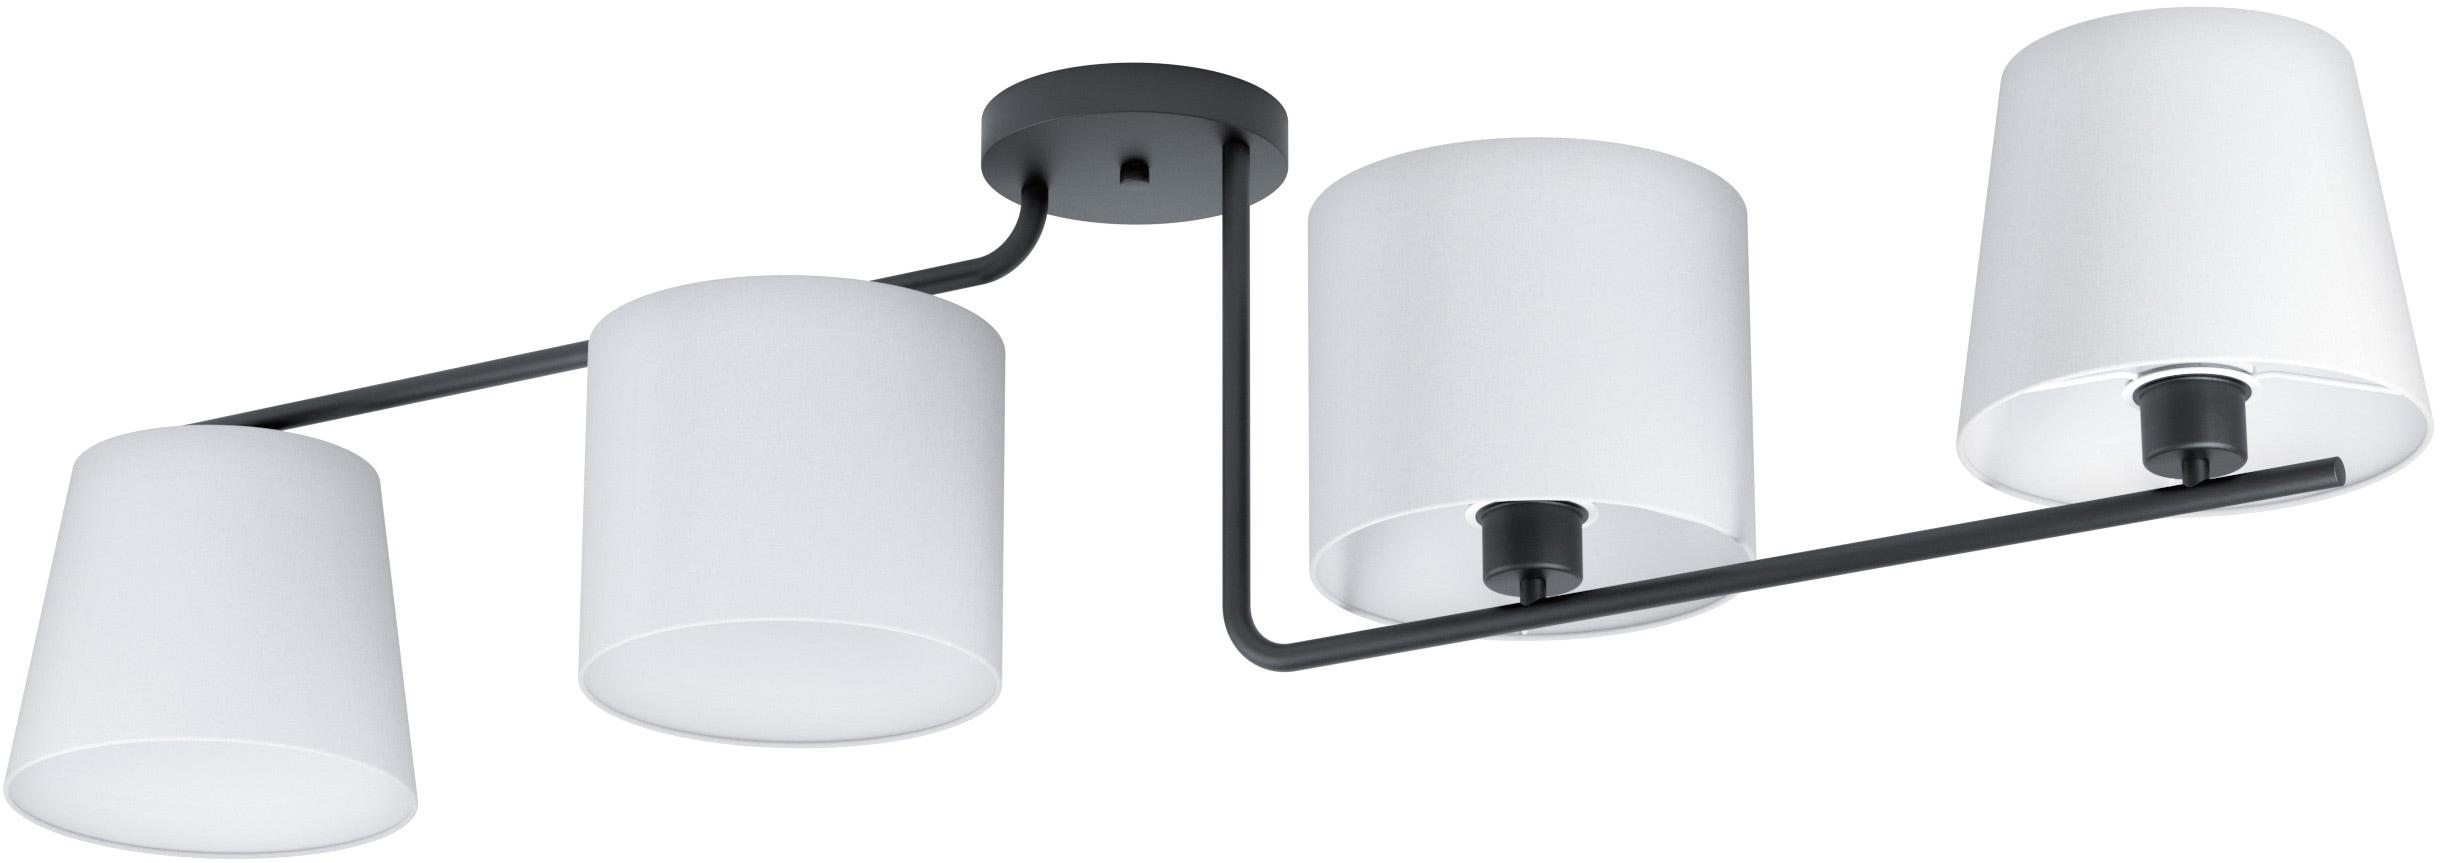 EGLO Deckenleuchte MAROJALES 1, E27, Deckenlampe